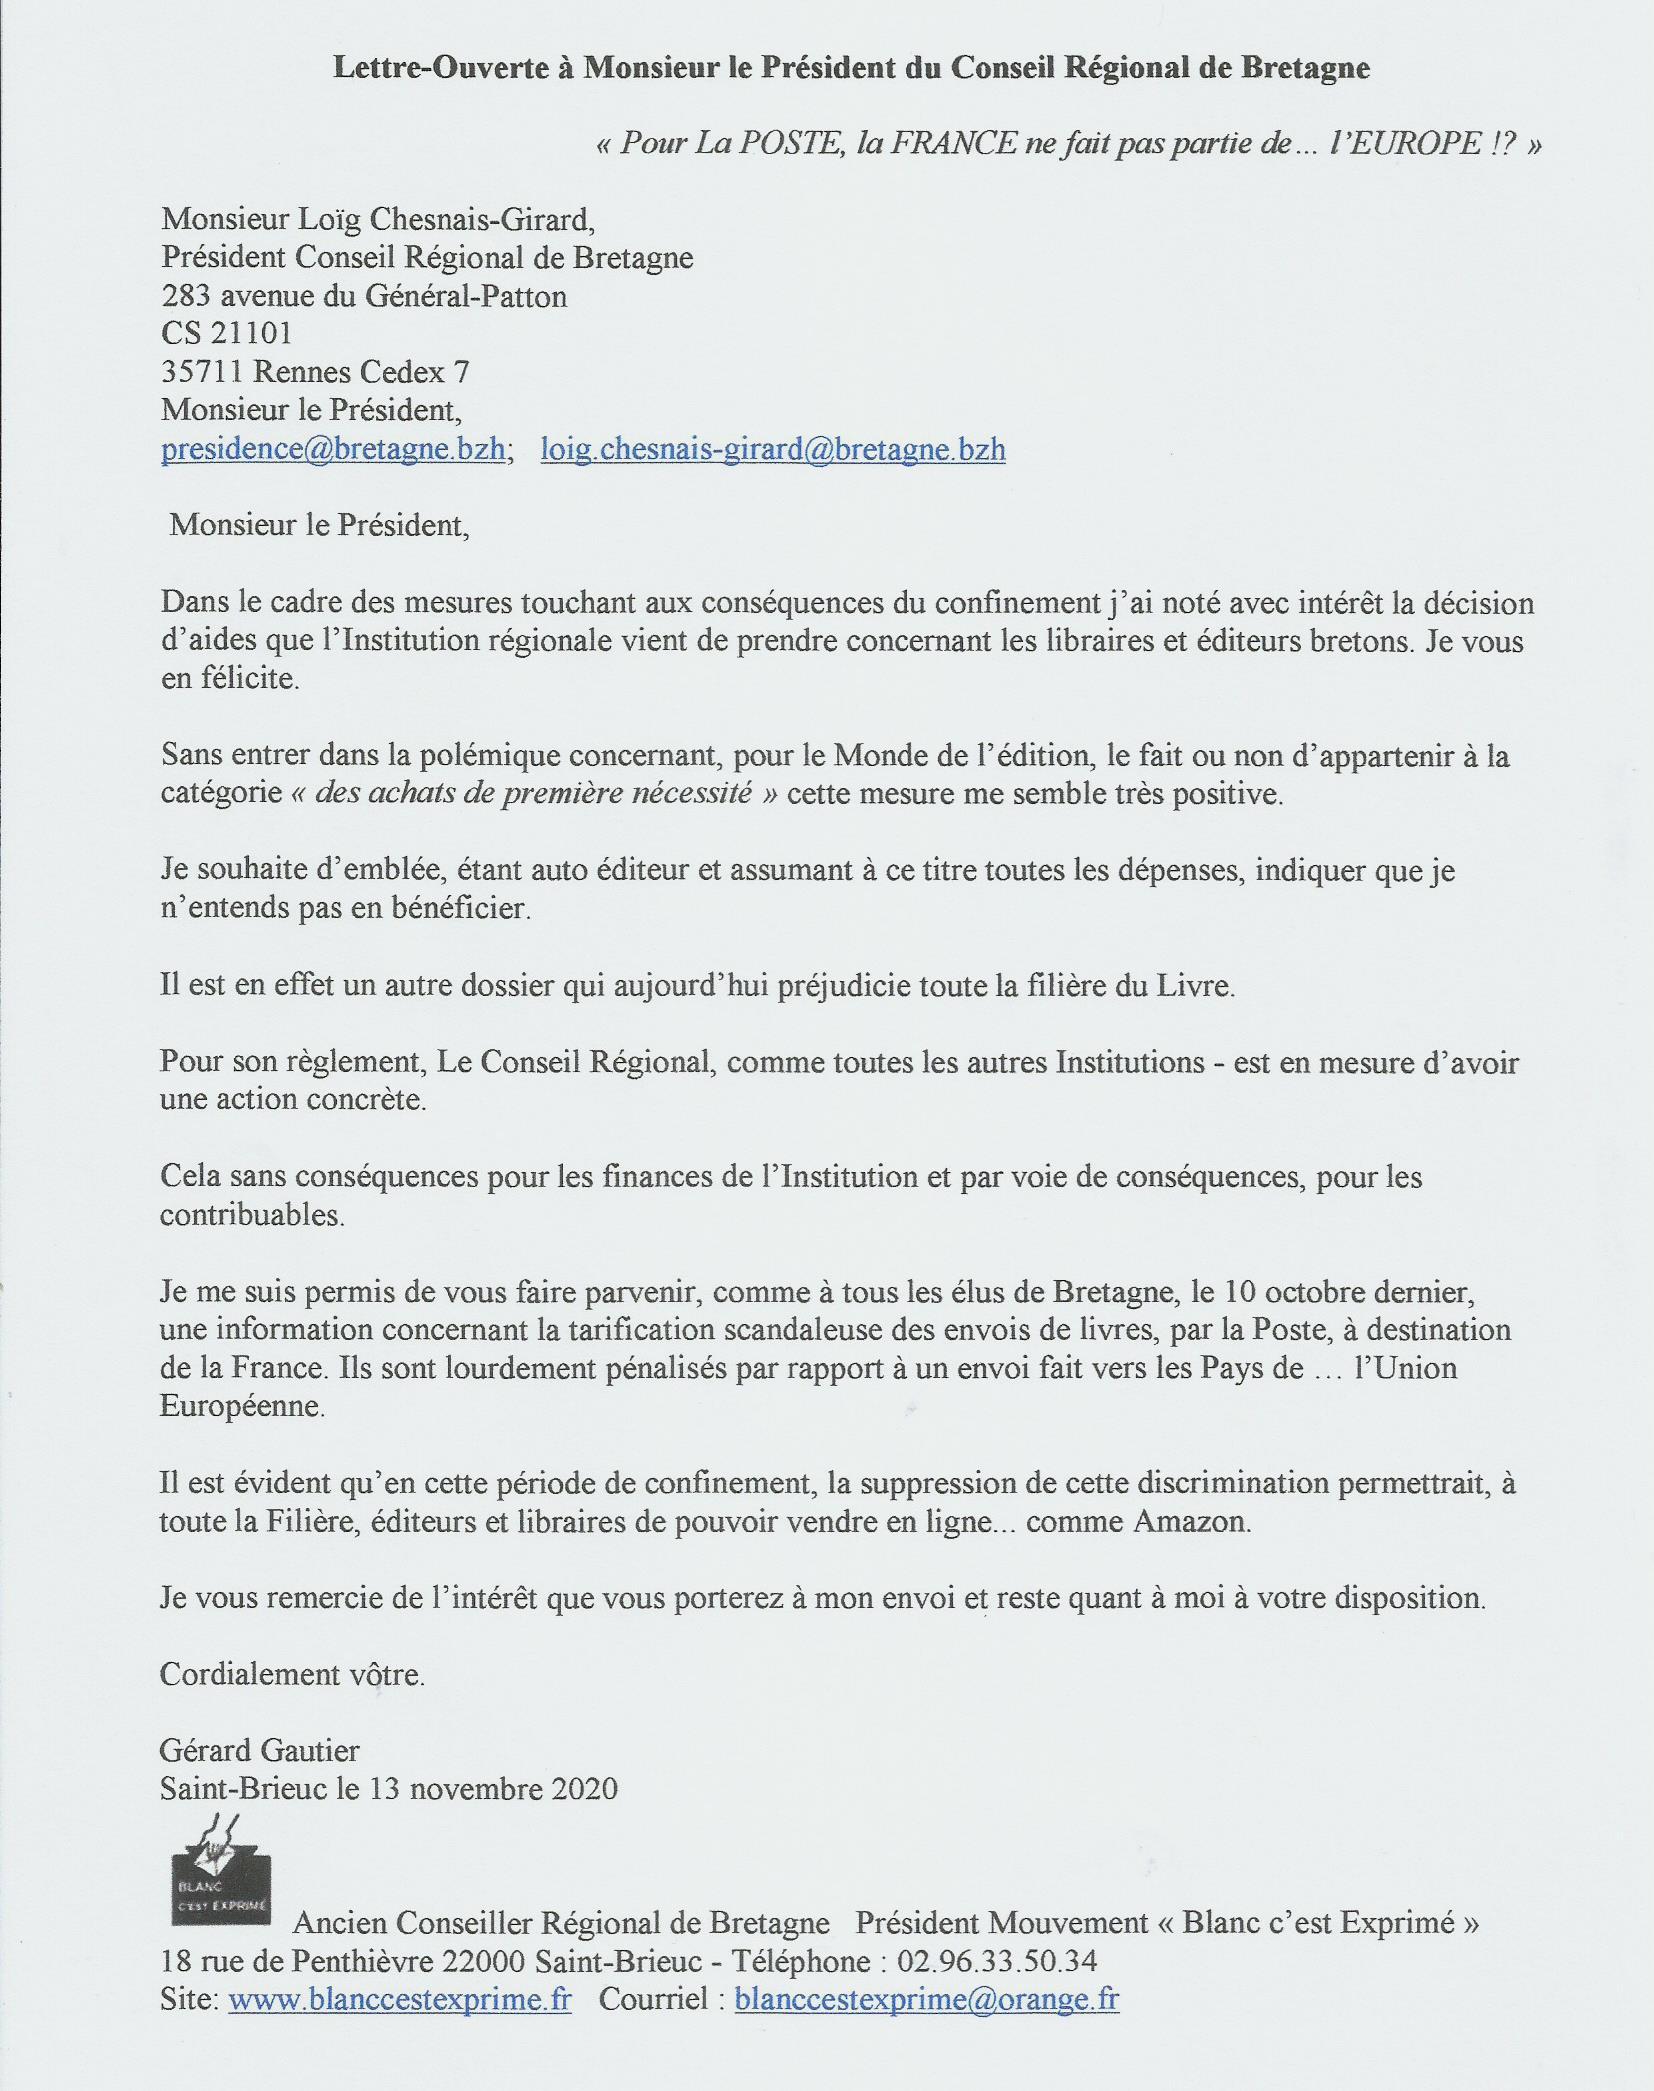 ECHARPE LA POSTE 2020 Lettre Président C R Bretagne